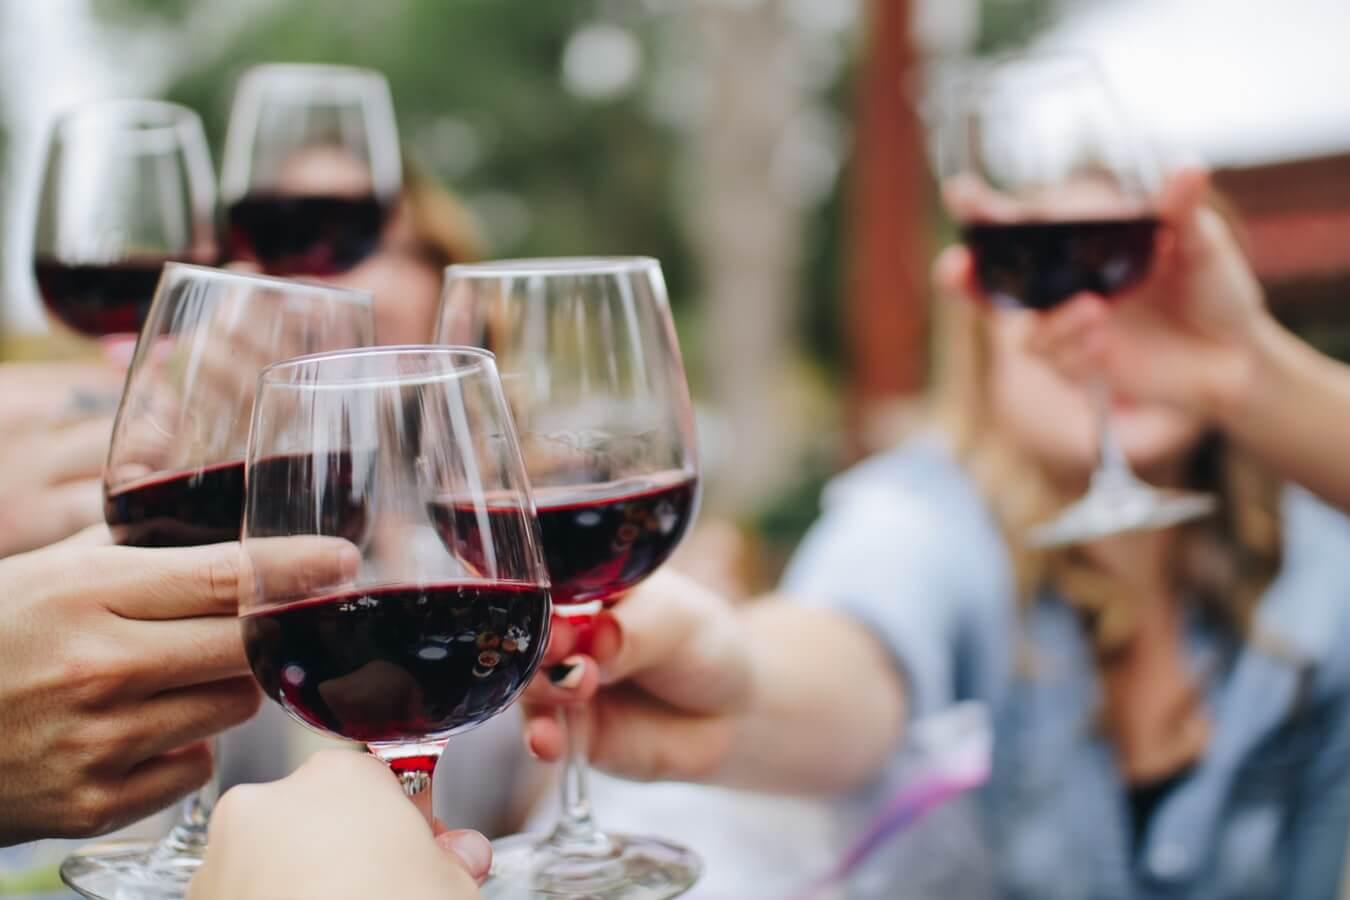 Vänner skålar med rött vin